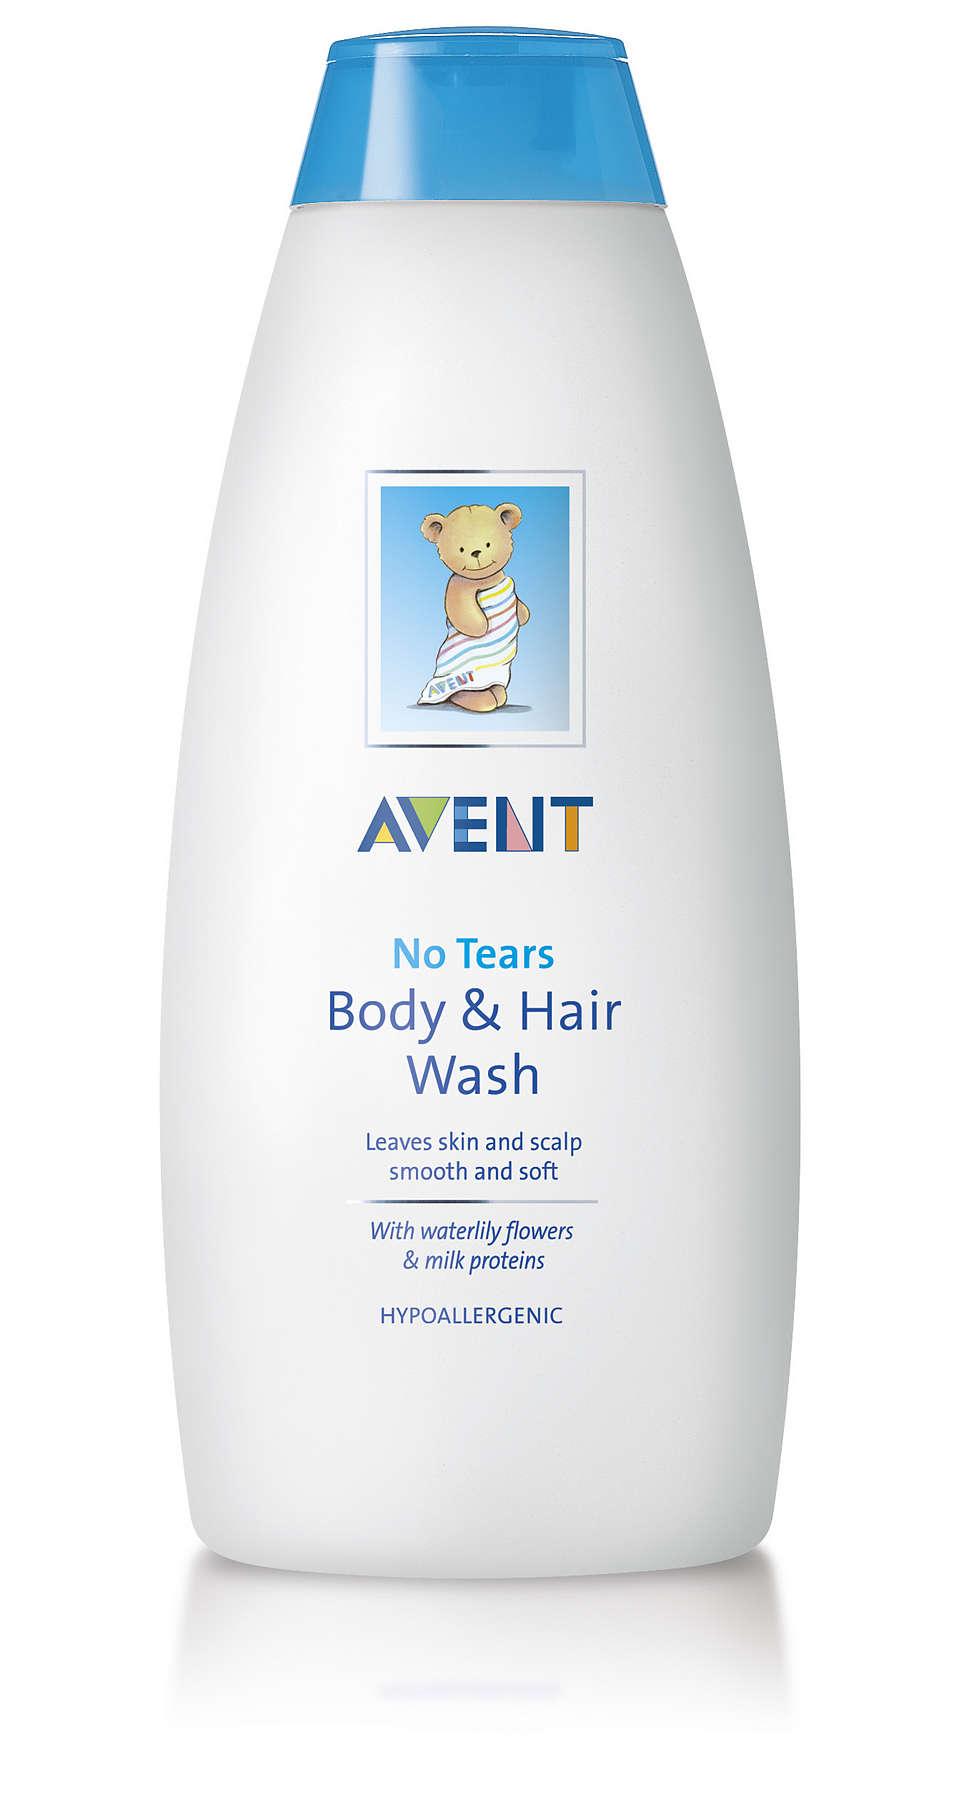 讓肌膚和頭皮光滑柔嫩